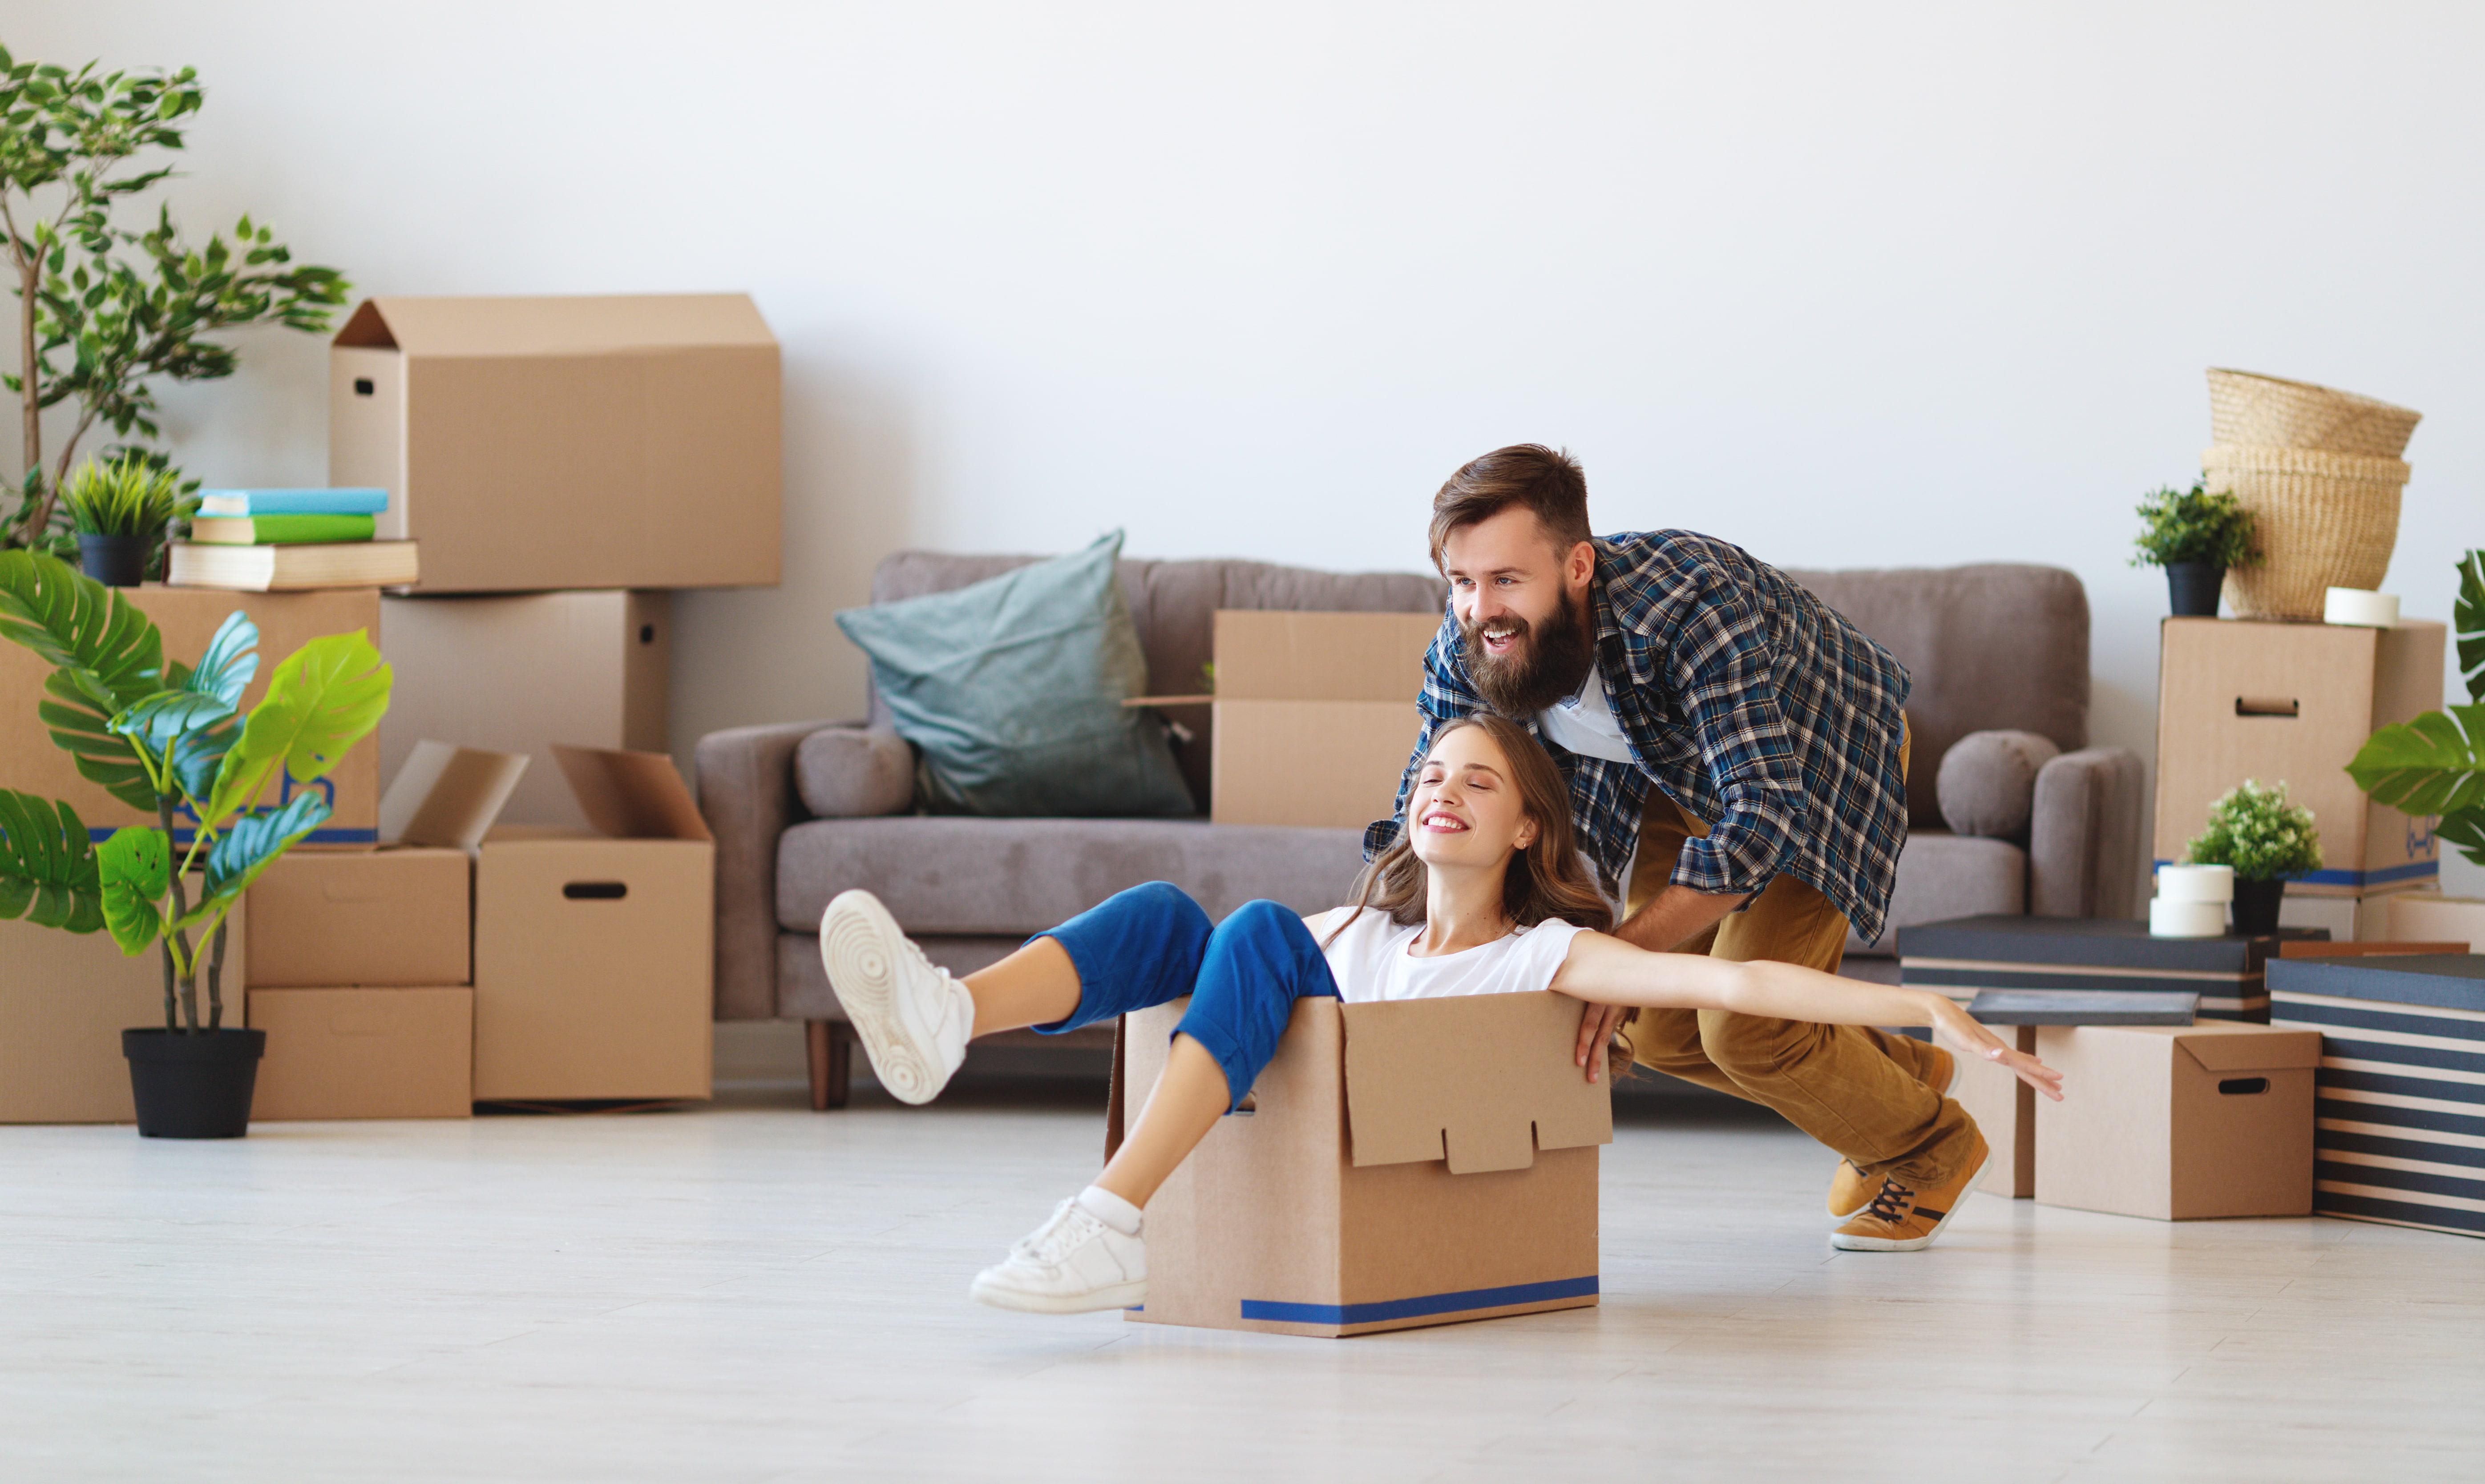 5 stappen om uw huis succesvol online te verkopen